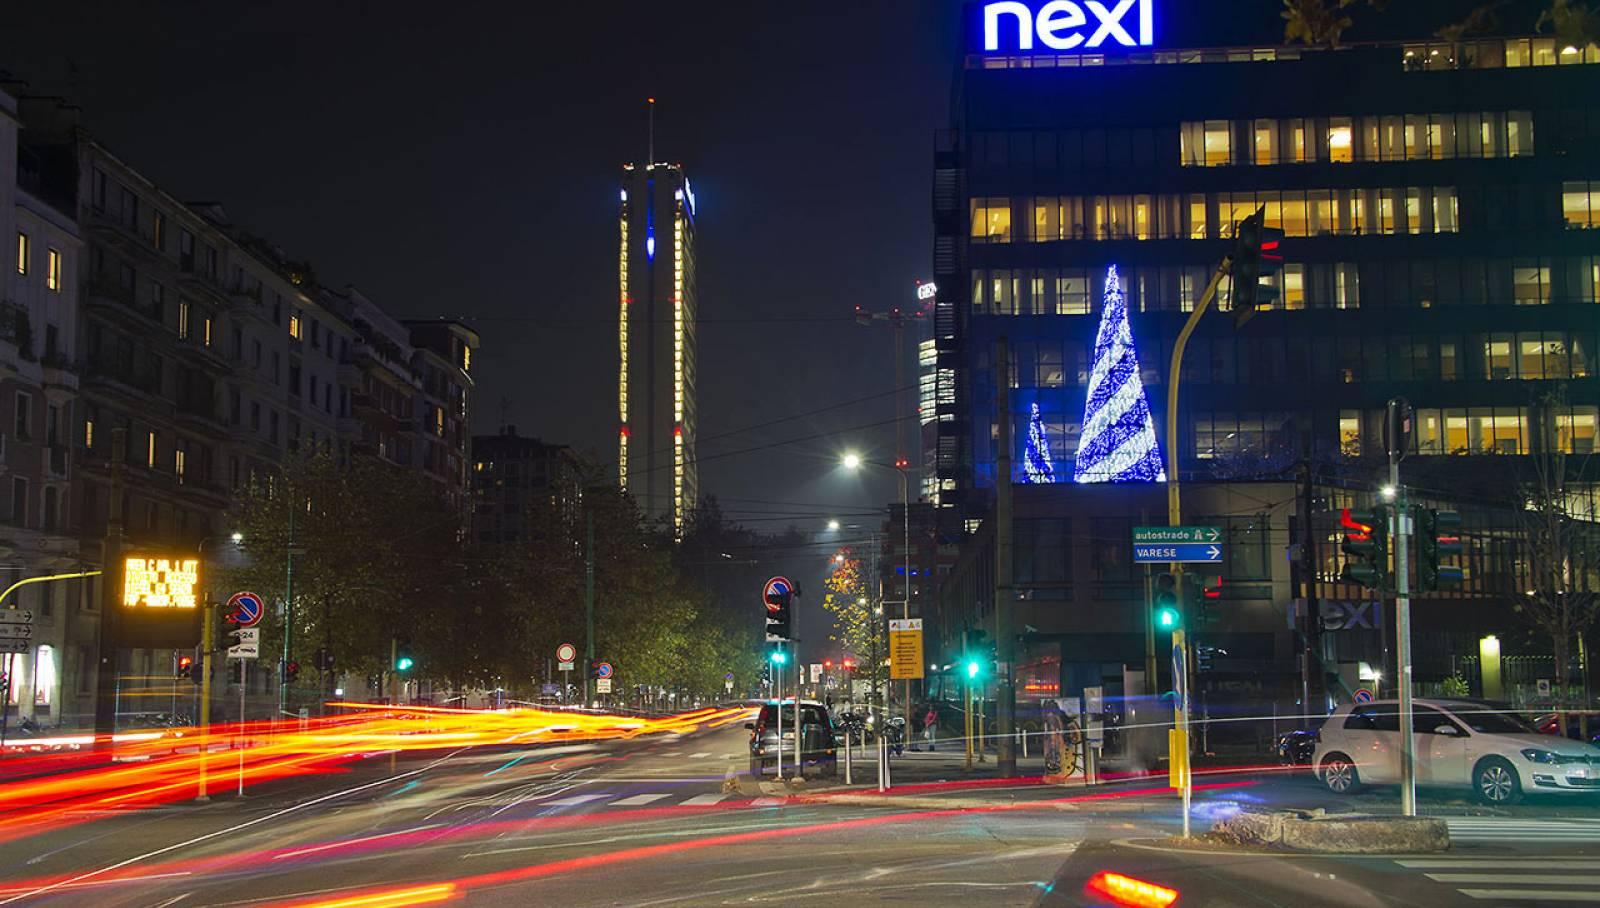 IGPDecaux Out of Home Milano illuminazione Corso Sempione per Nexi